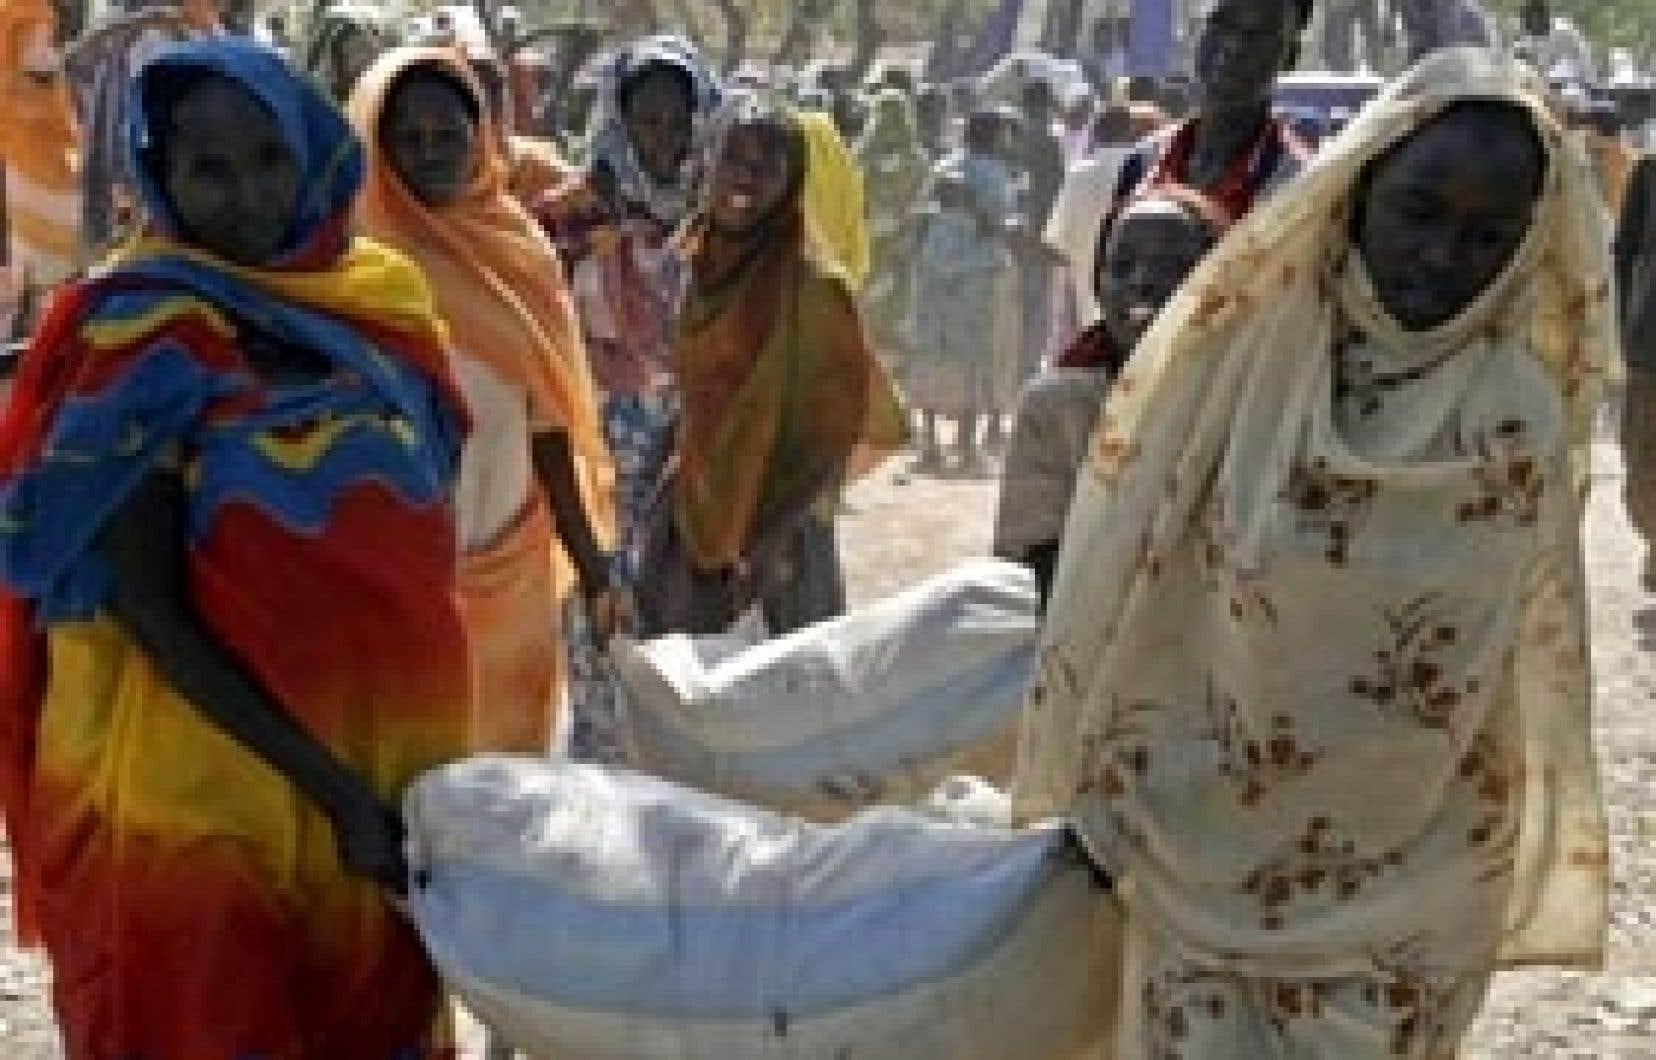 Avec le départ forcé des organisations humanitaires au Darfour, il y a moins de centres médicaux, moins de bras pour aider à construire des abris ou distribuer l'aide.